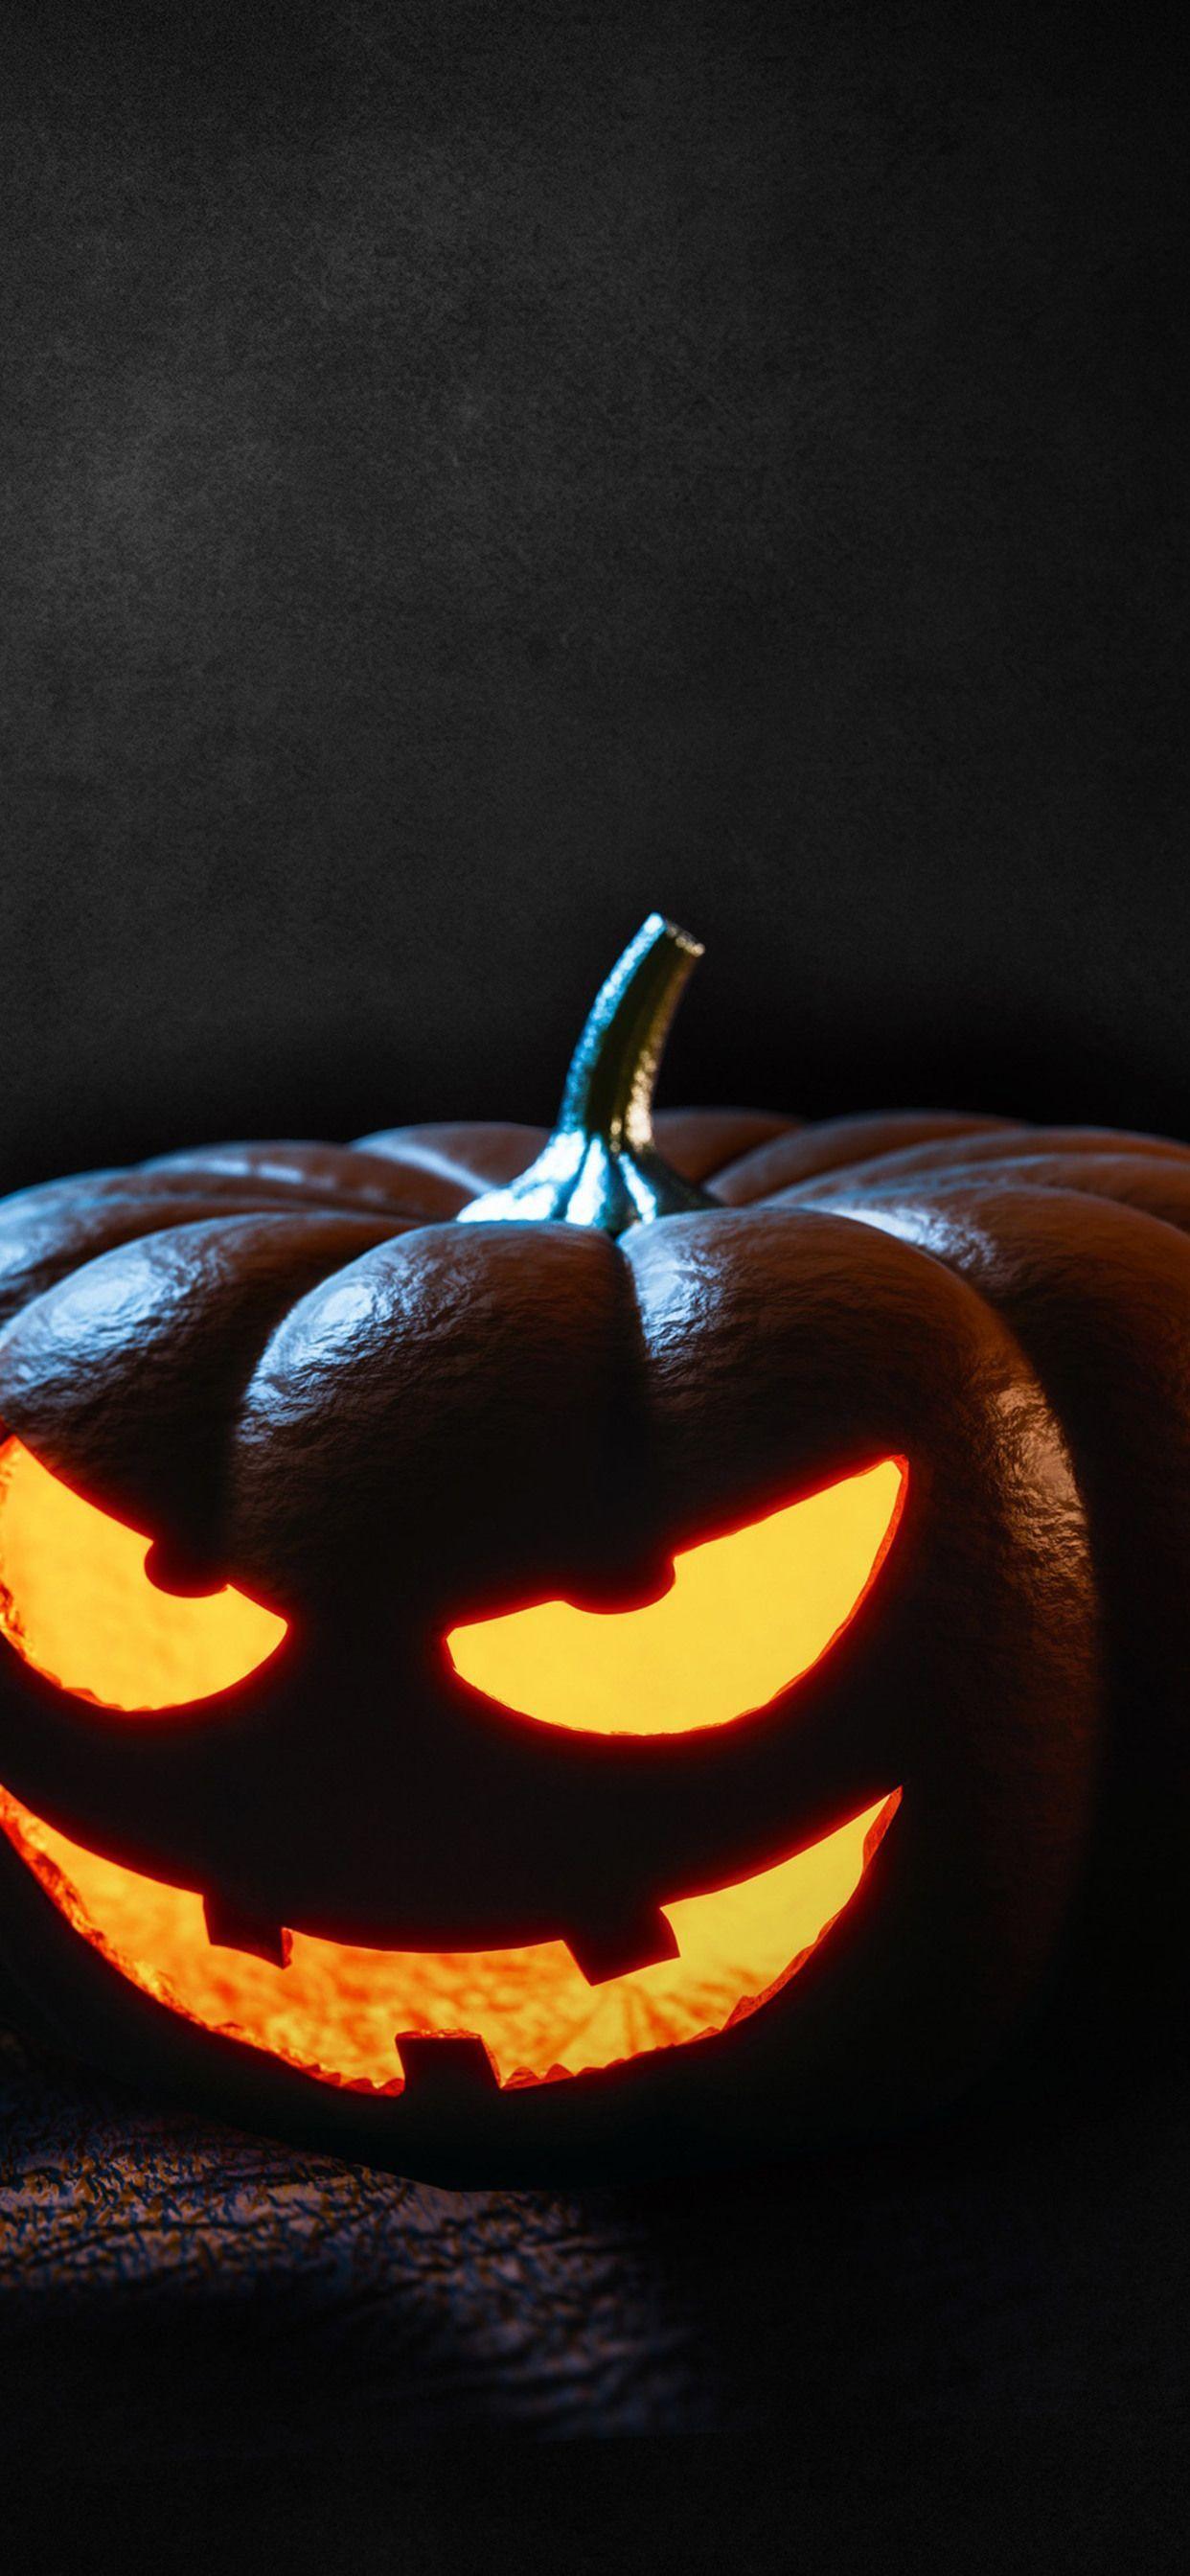 Halloween Wallpaper 4k Iphone